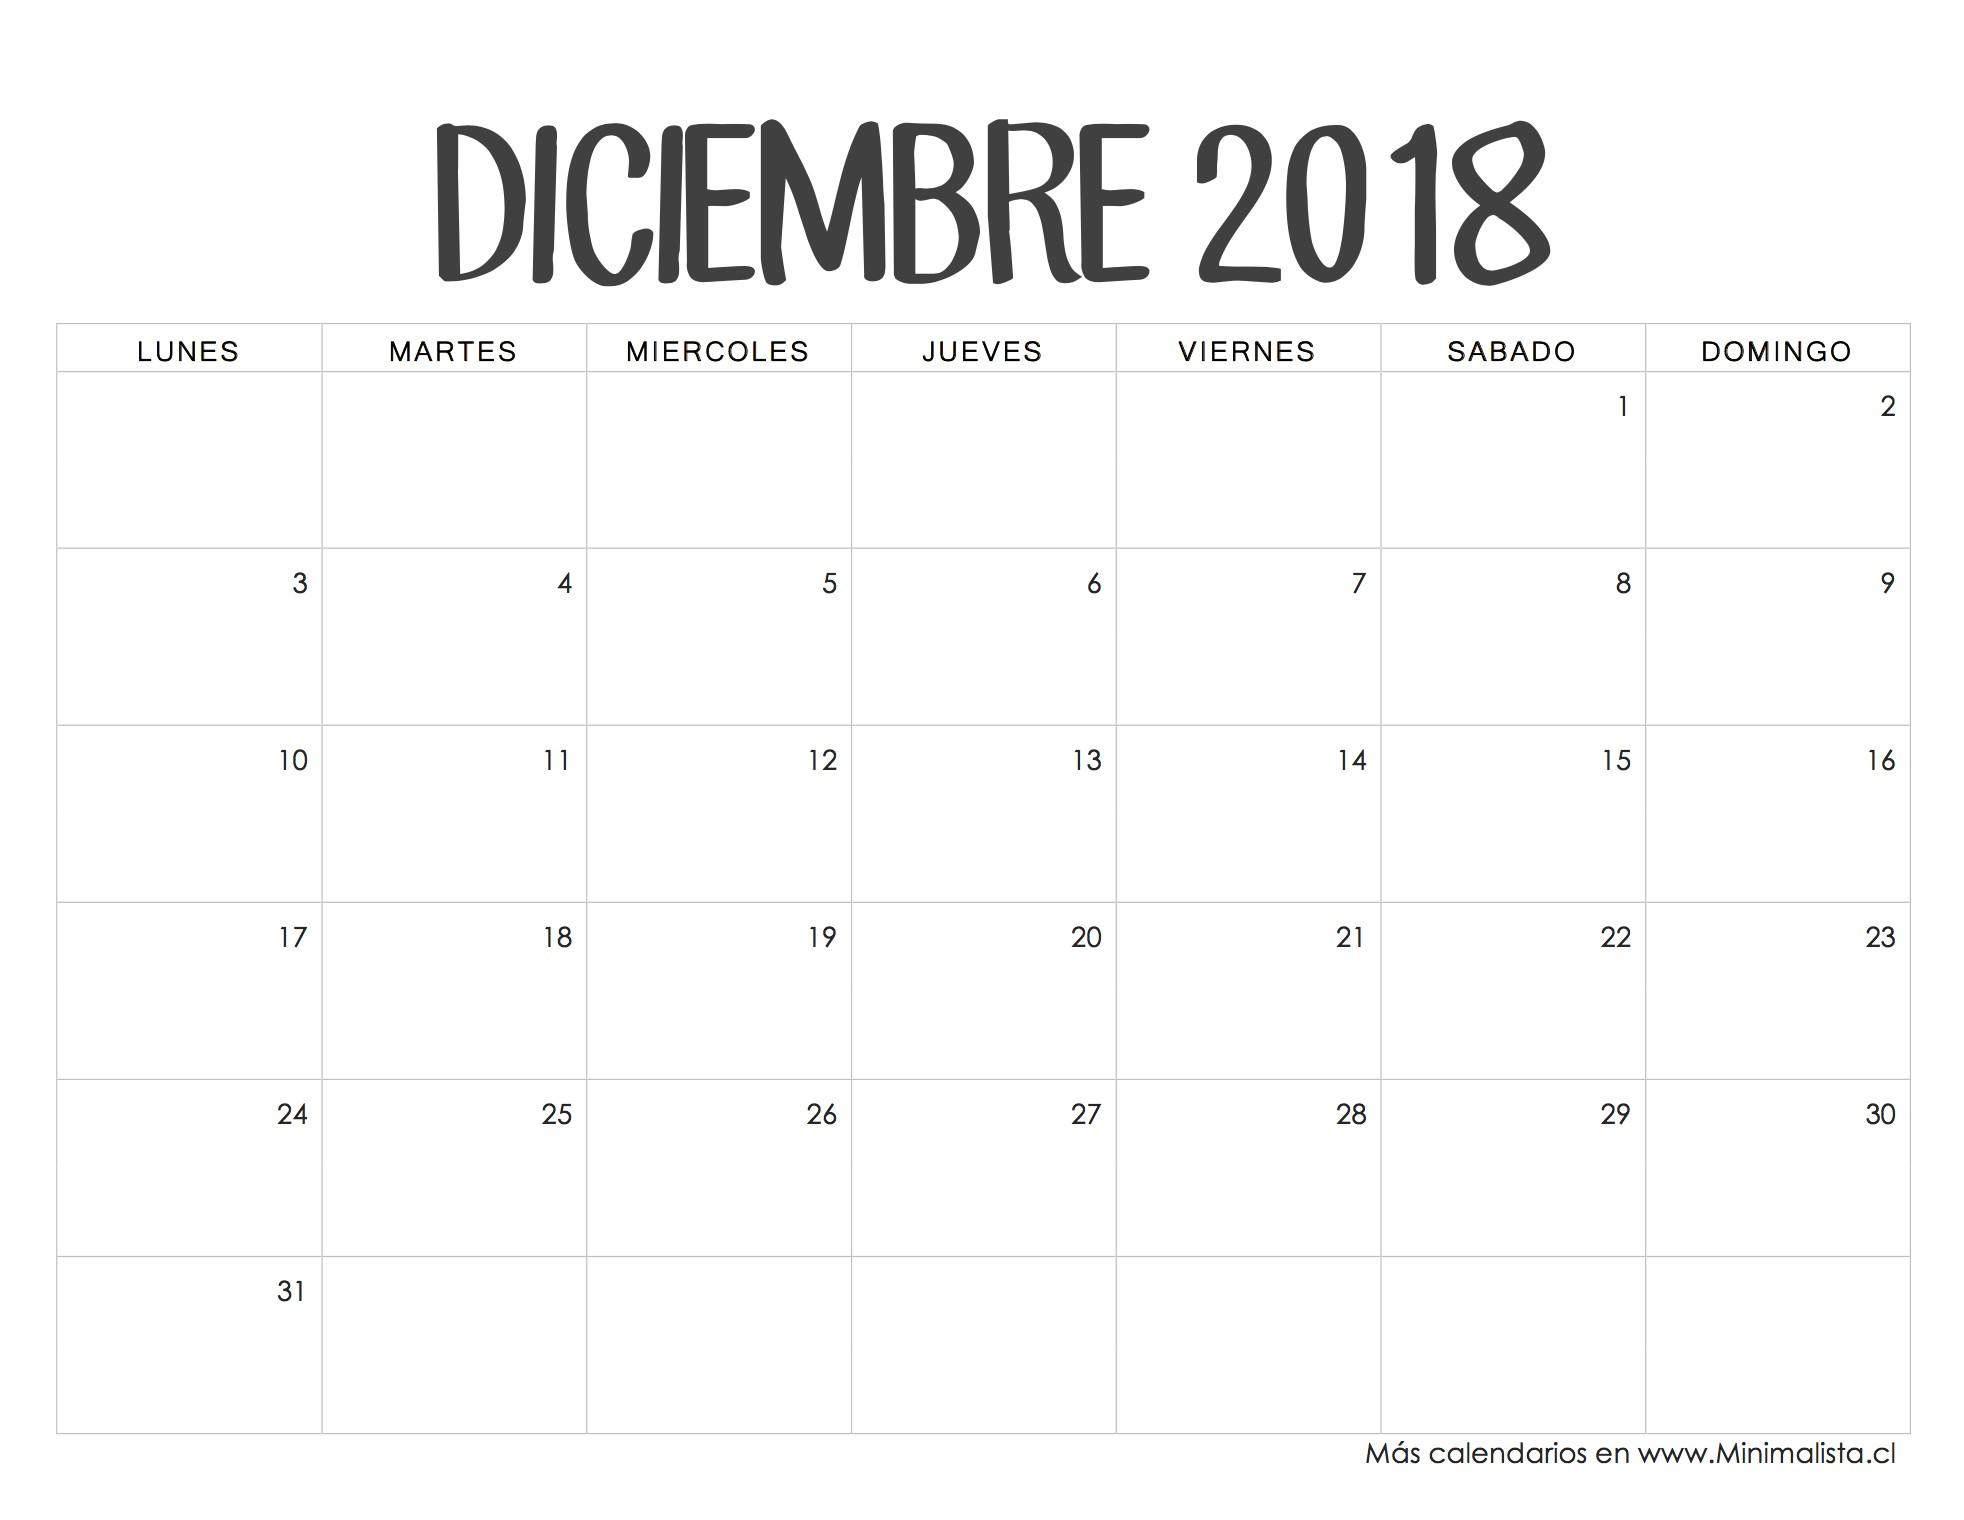 Imprimir Calendario Diciembre 2017 Y Enero 2019 Más Populares Calendario Diciembre 2018 Manualidades Of Imprimir Calendario Diciembre 2017 Y Enero 2019 Mejores Y Más Novedosos 2019 2018 Calendar Printable with Holidays List Kalender Kalendar